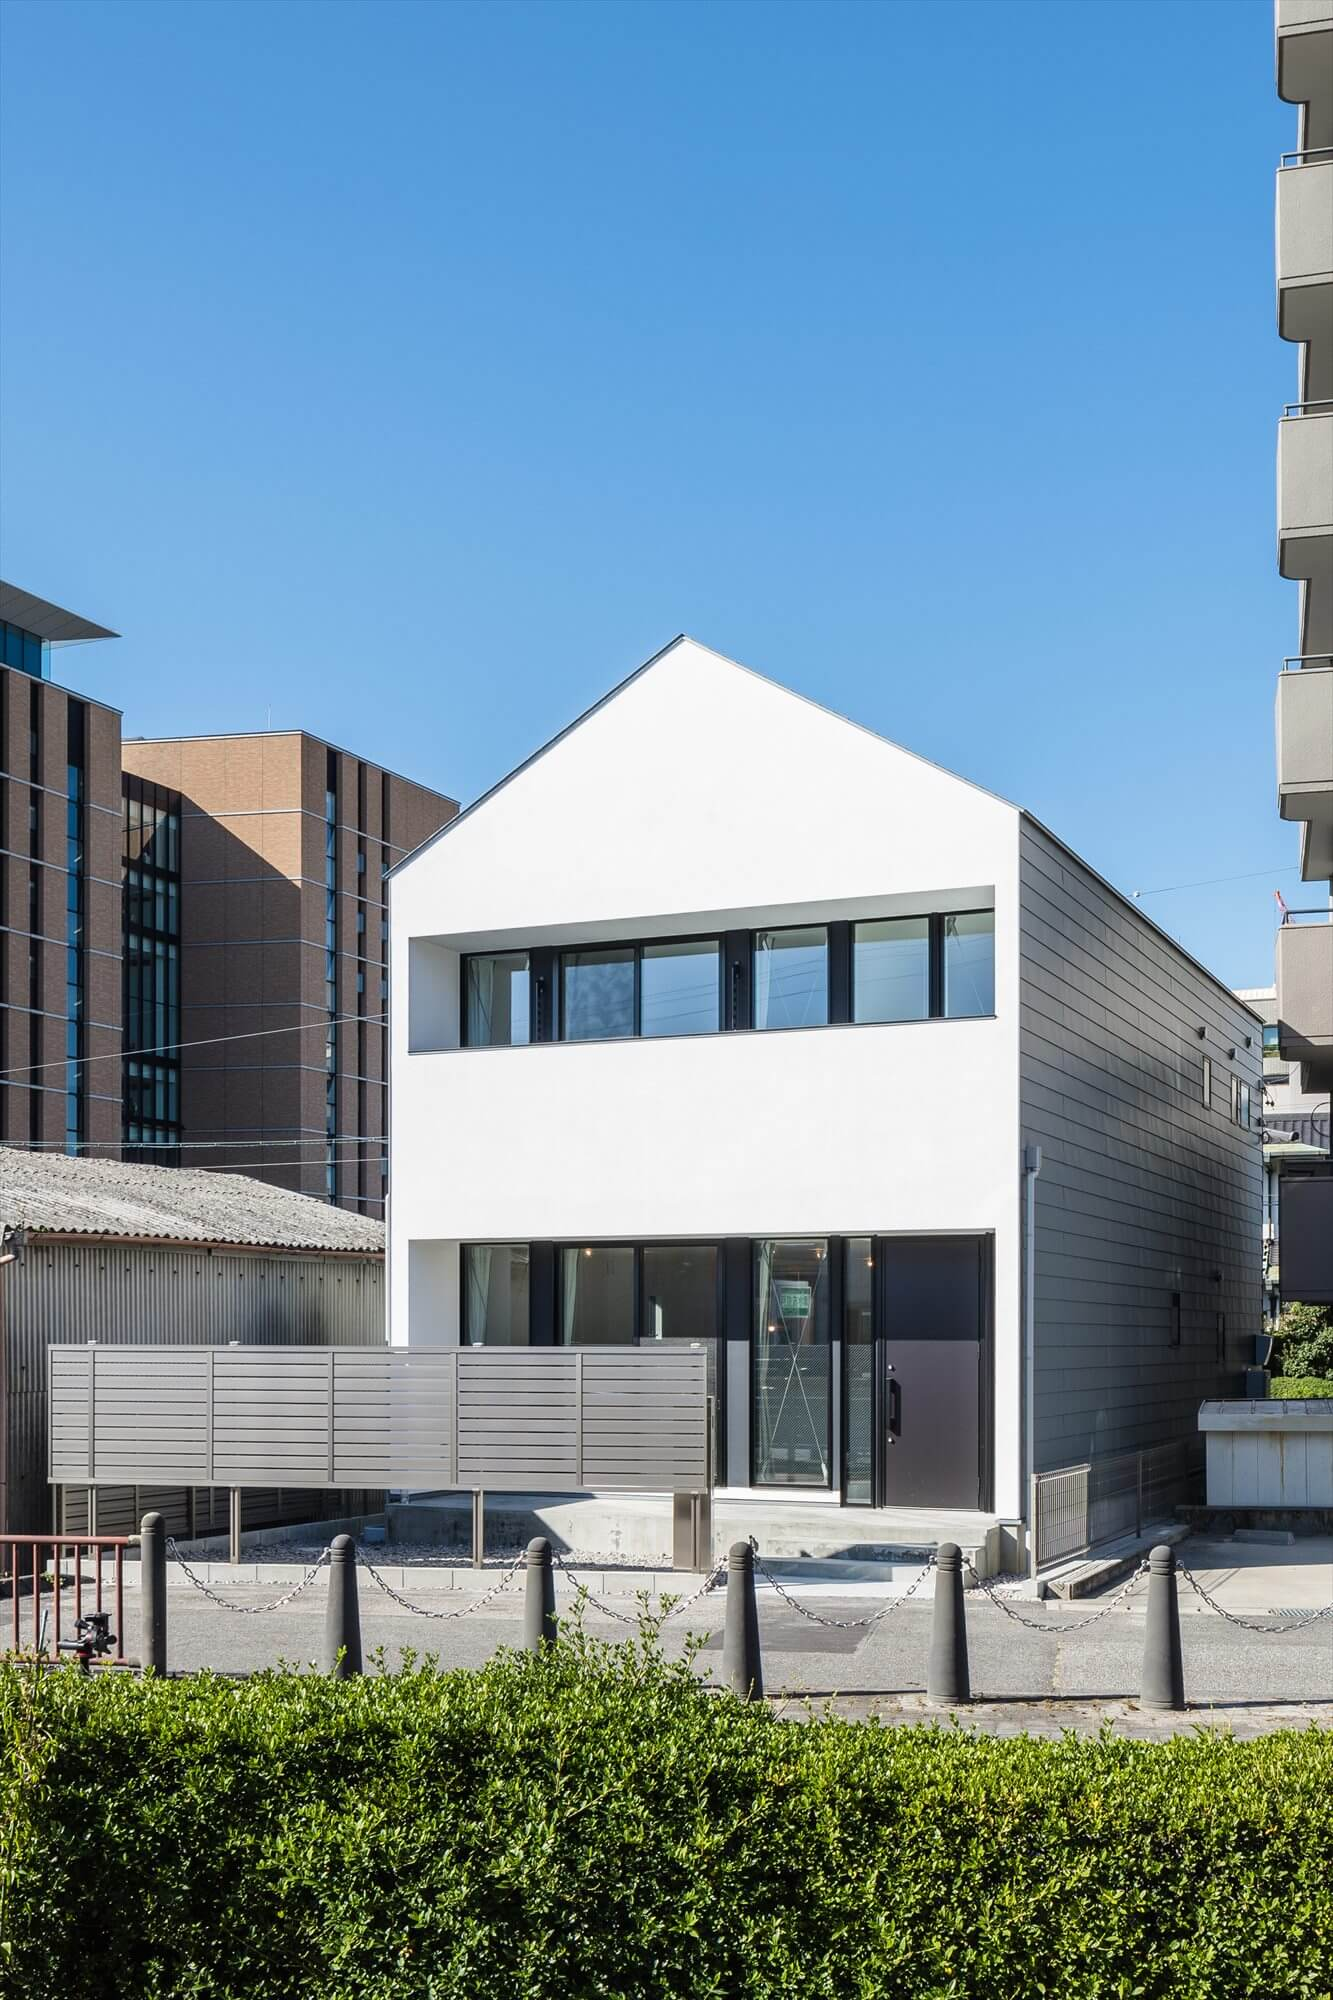 通信局のある家|愛知県刈谷市の社宅|建築家×工務店のNatureスペース注文住宅施工事例